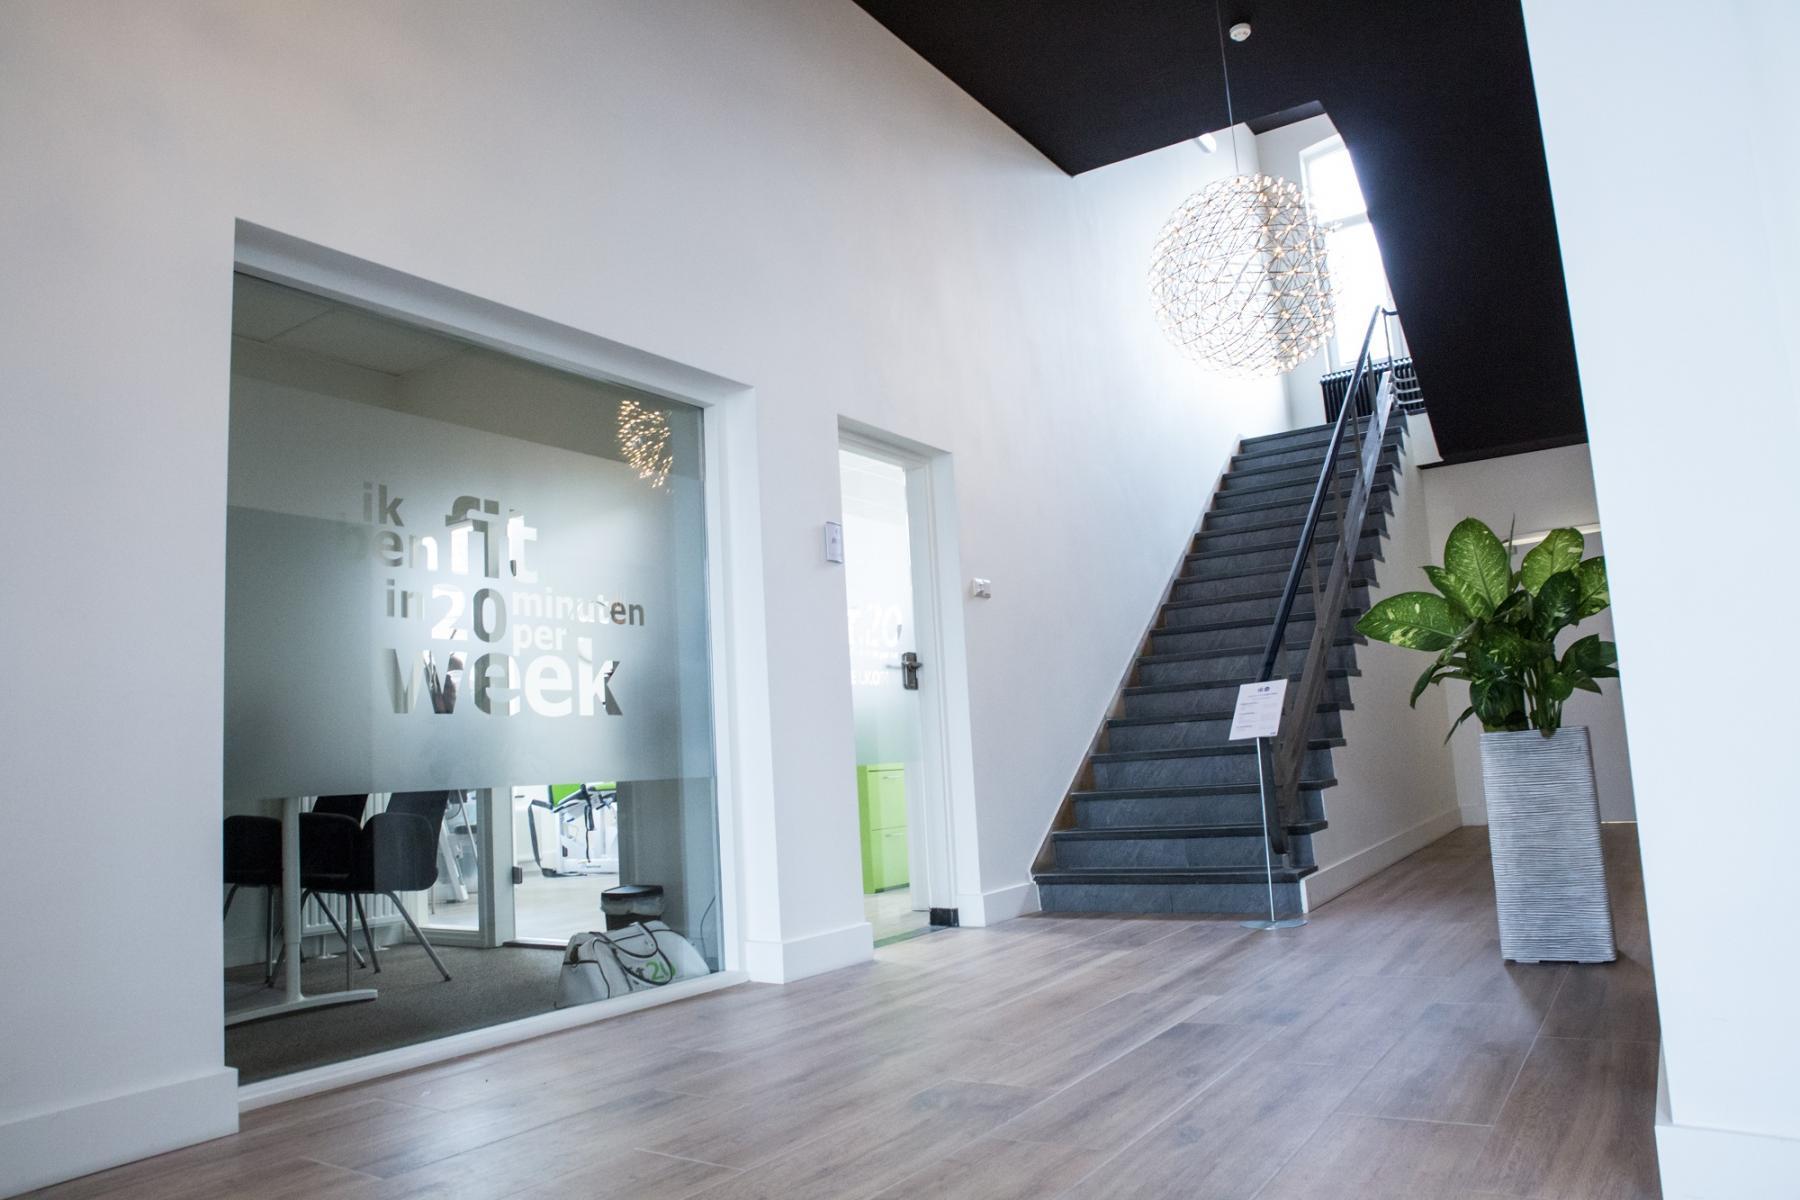 stairs stairway office room meeting room modern